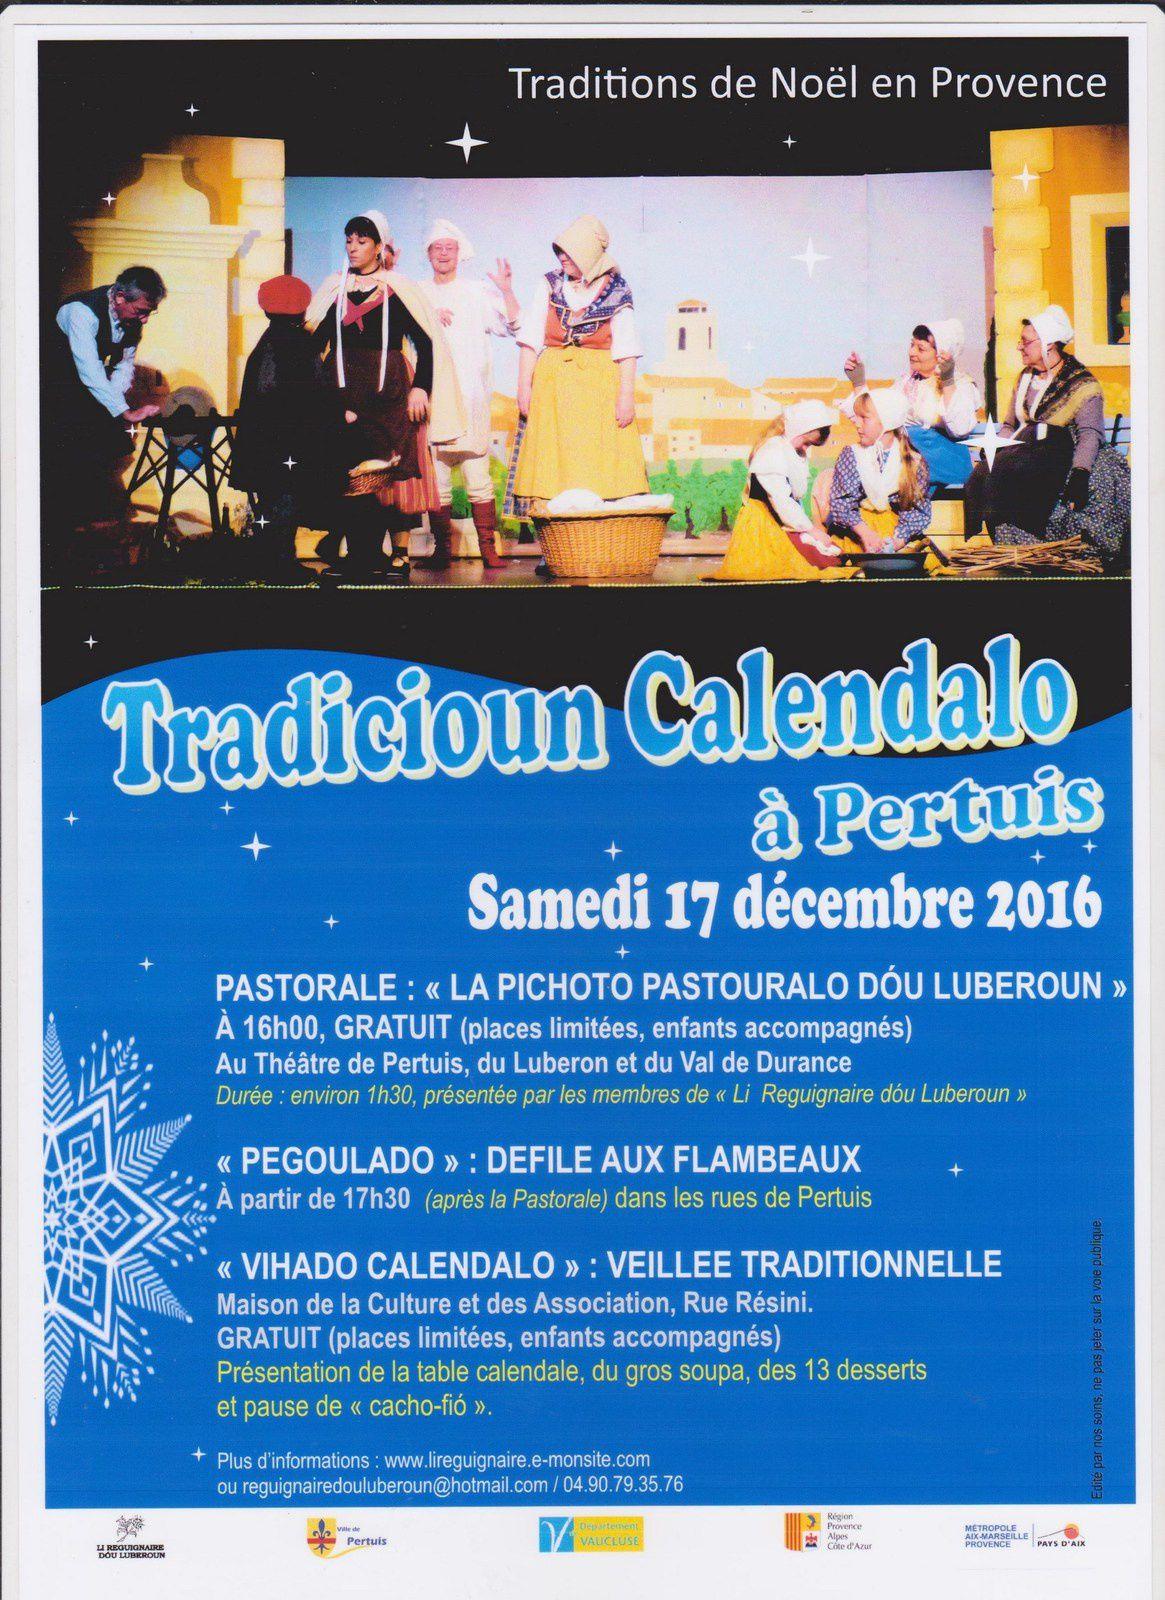 Traditions de Noël en Provence